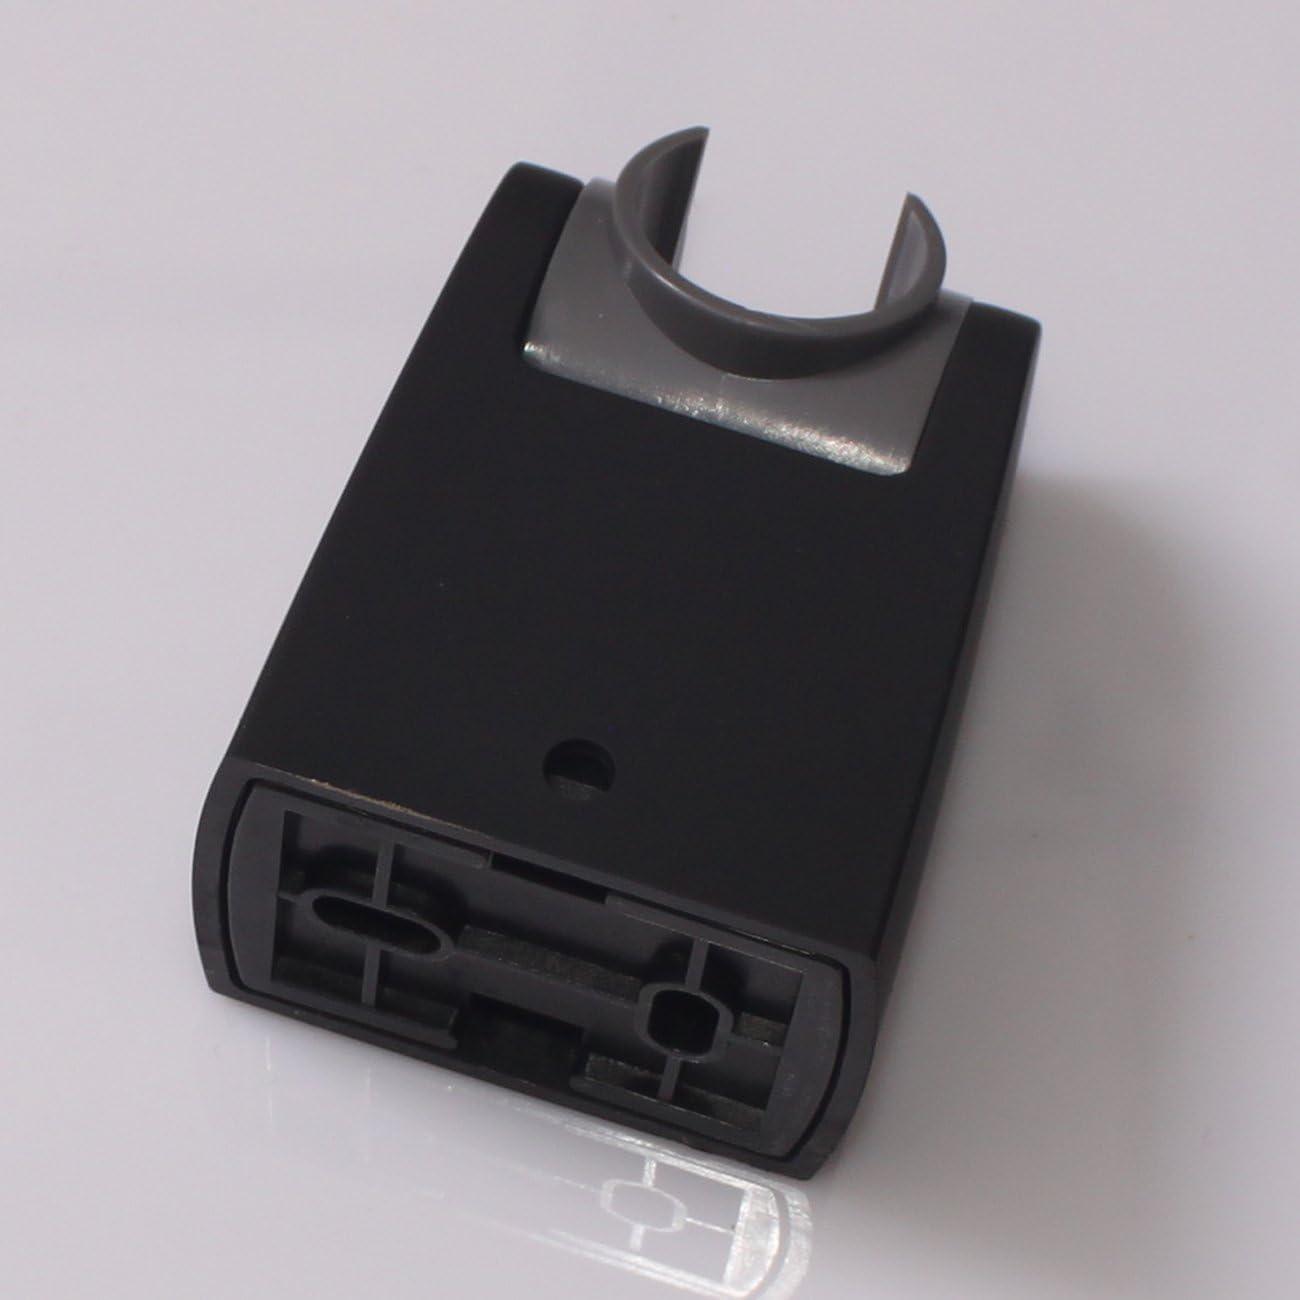 Pommeau de douche manuel en laiton haute pression ABS shower holder Fonction unique Skybath nickel bross/é